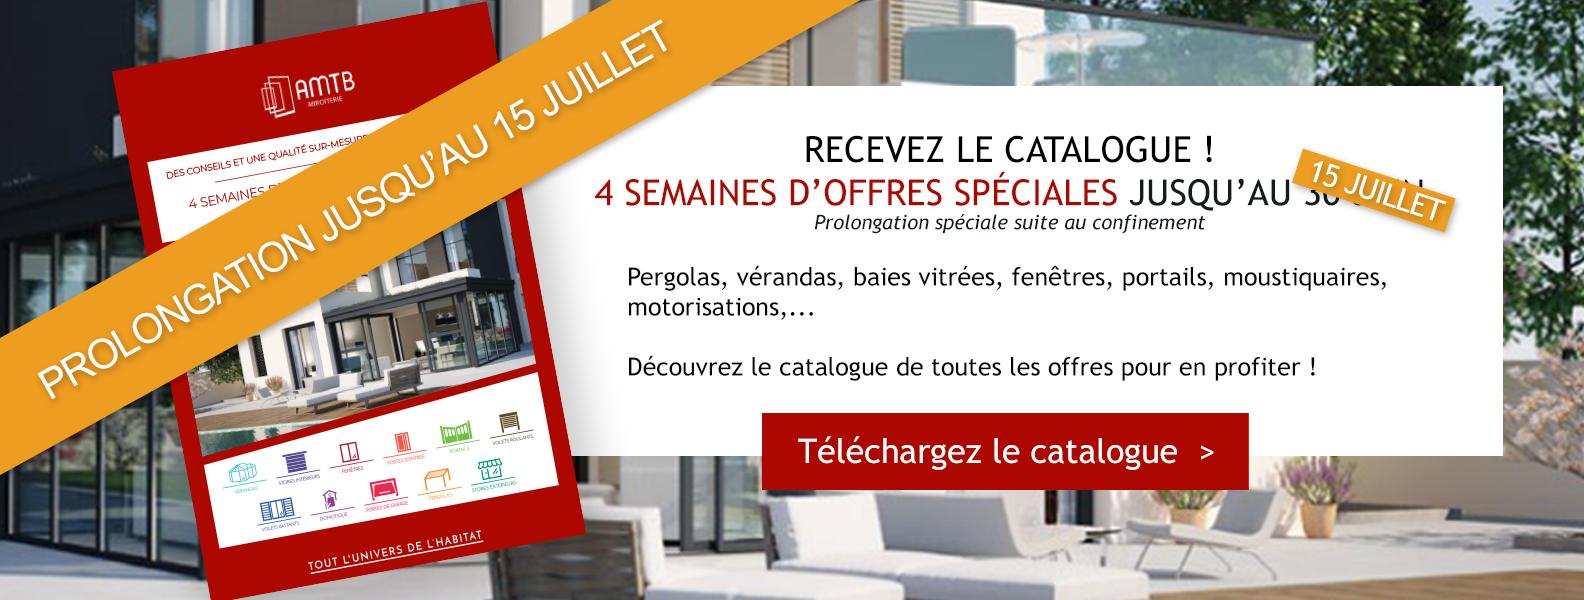 RECEVEZ LE CATALOGUE ! 4 semaines d'offres spéciales jusqu'au 30 juin